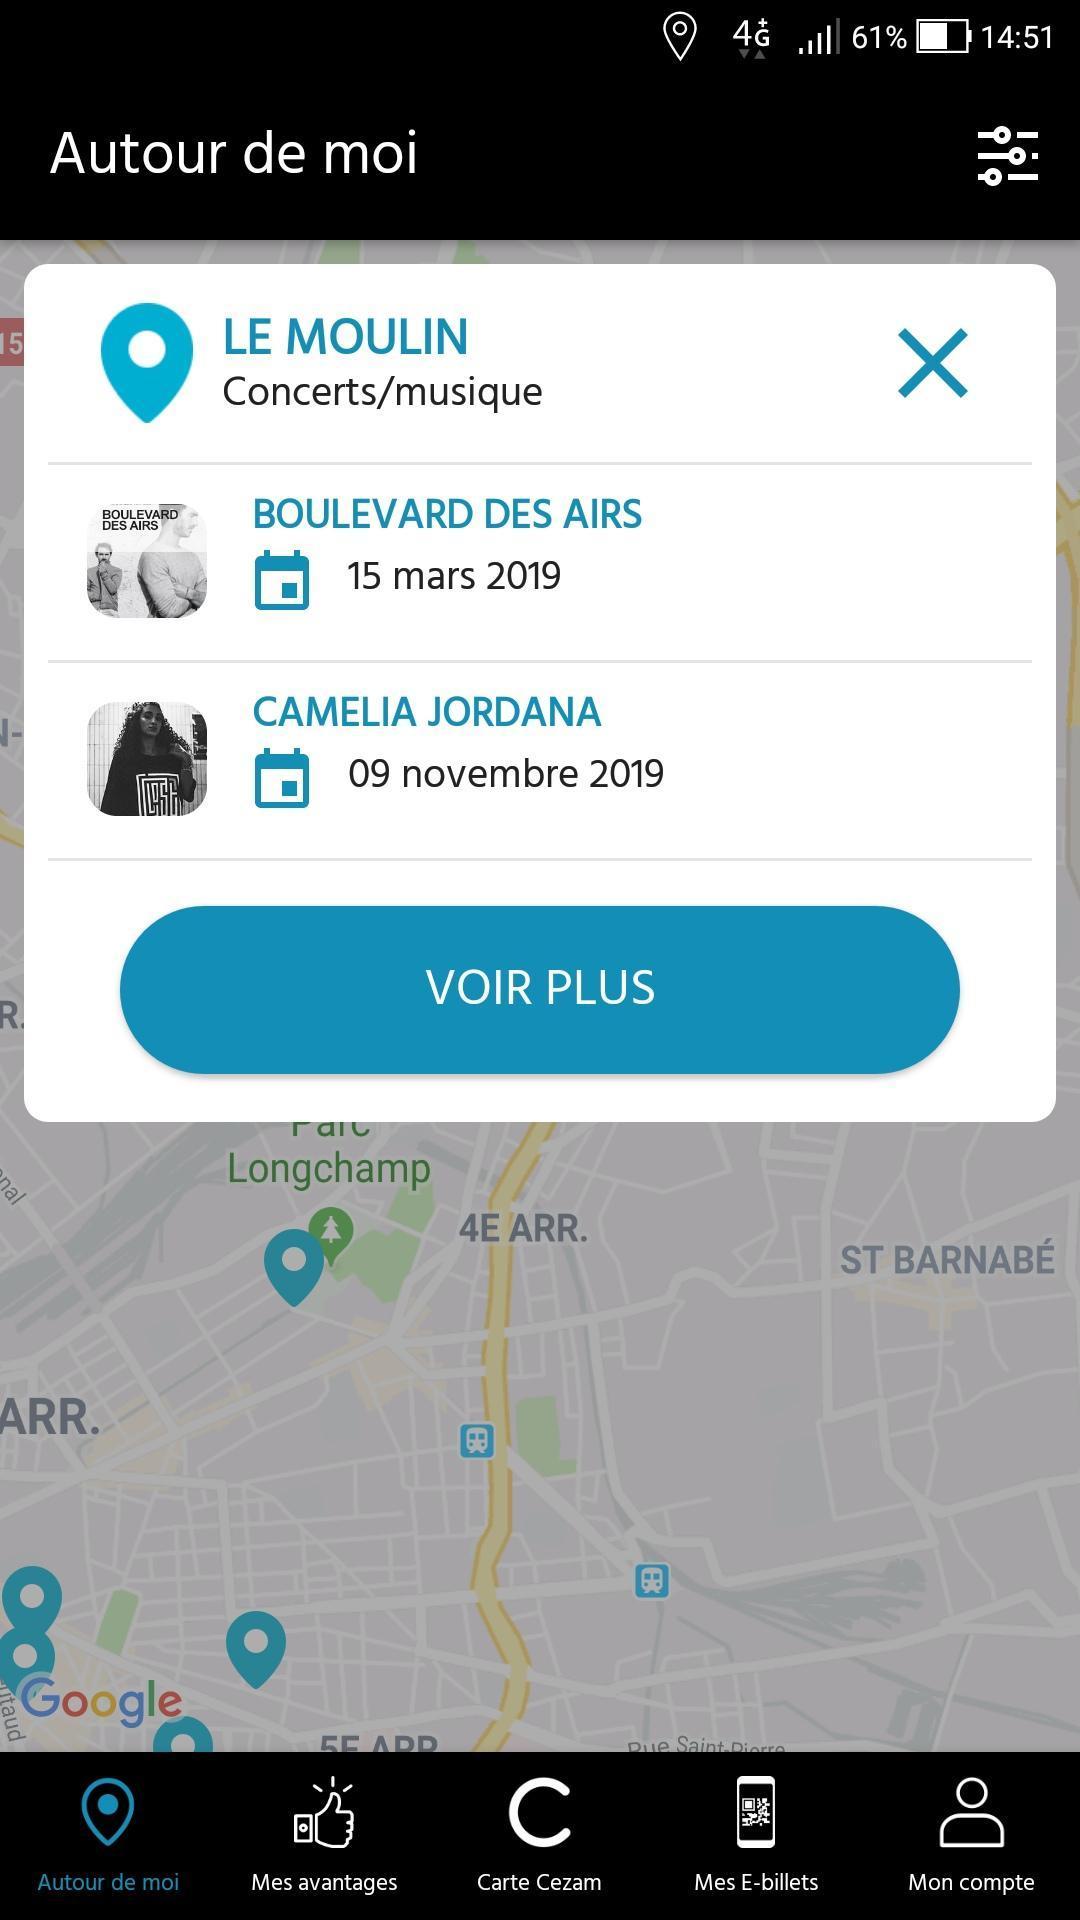 Carte Cezam Le Puy Du Fou.Ma Carte Cezam For Android Apk Download